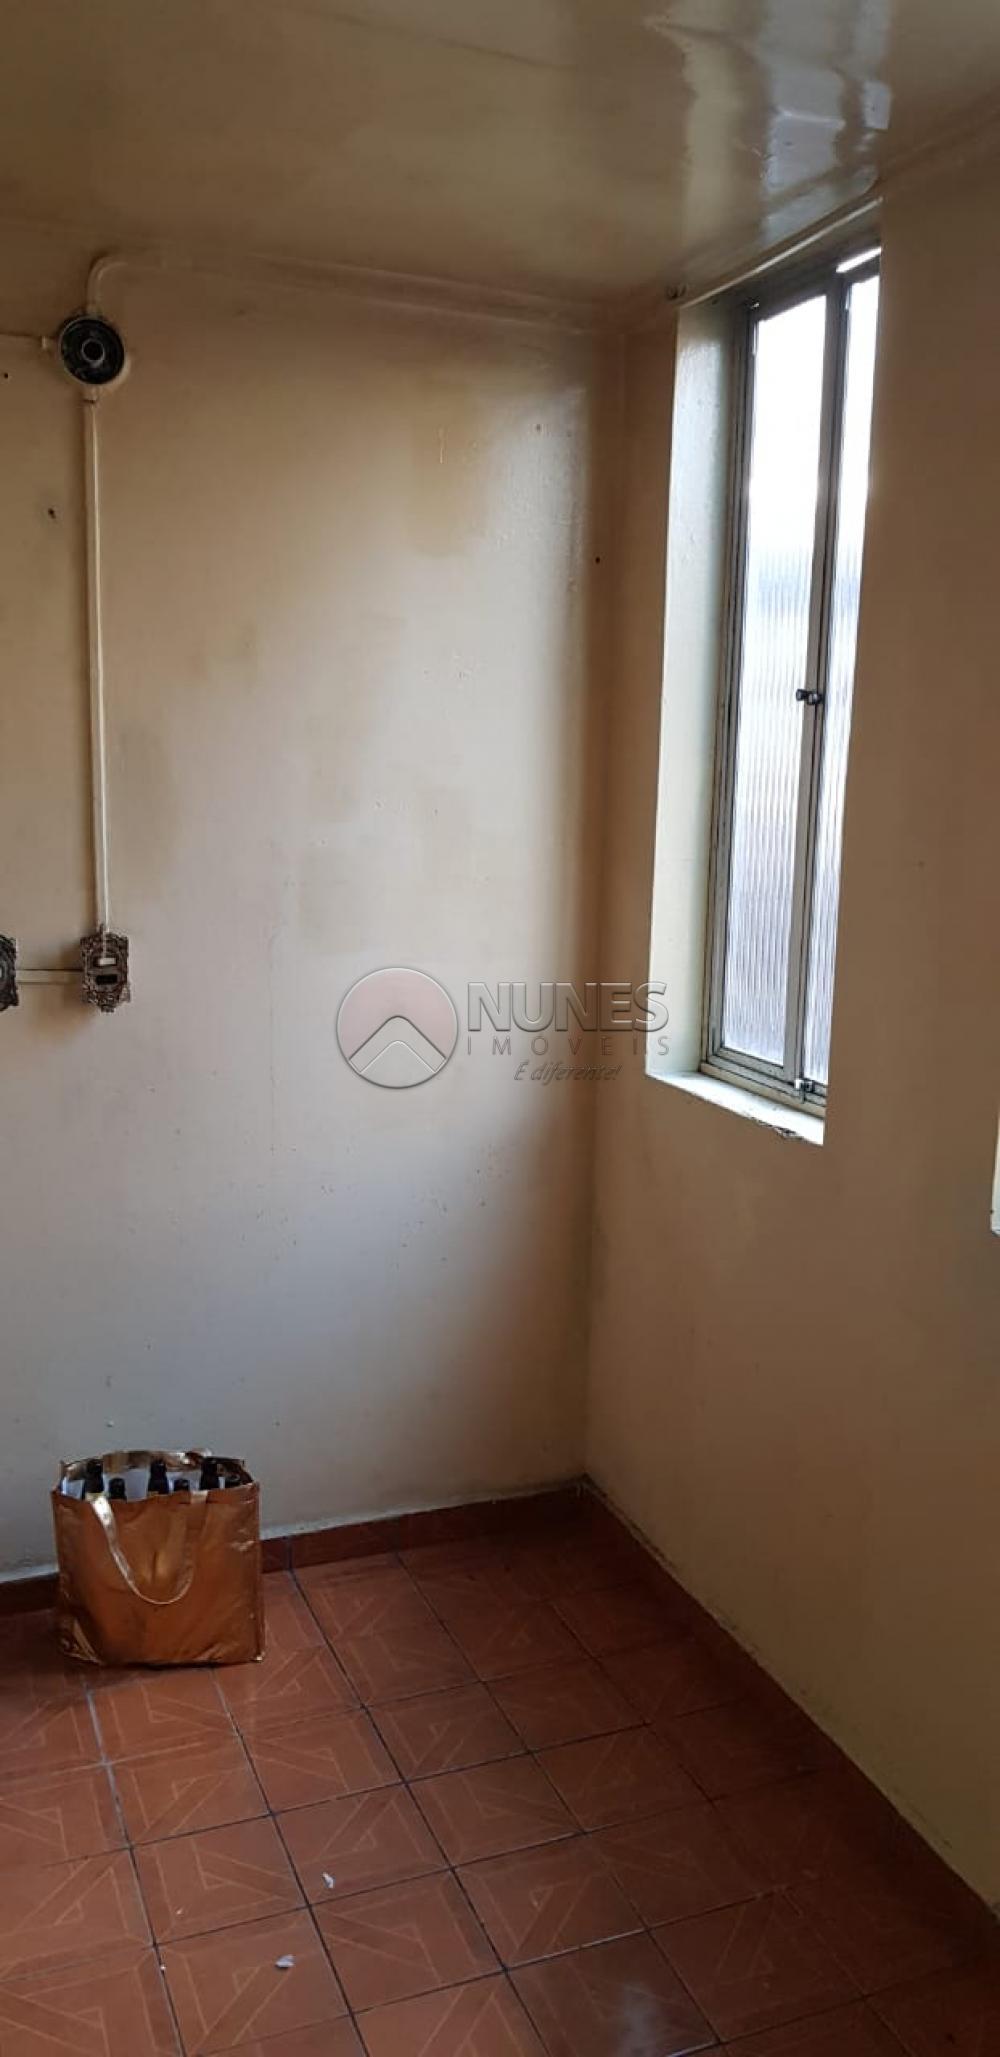 Comprar Apartamento / Padrão em Carapicuíba apenas R$ 130.000,00 - Foto 5